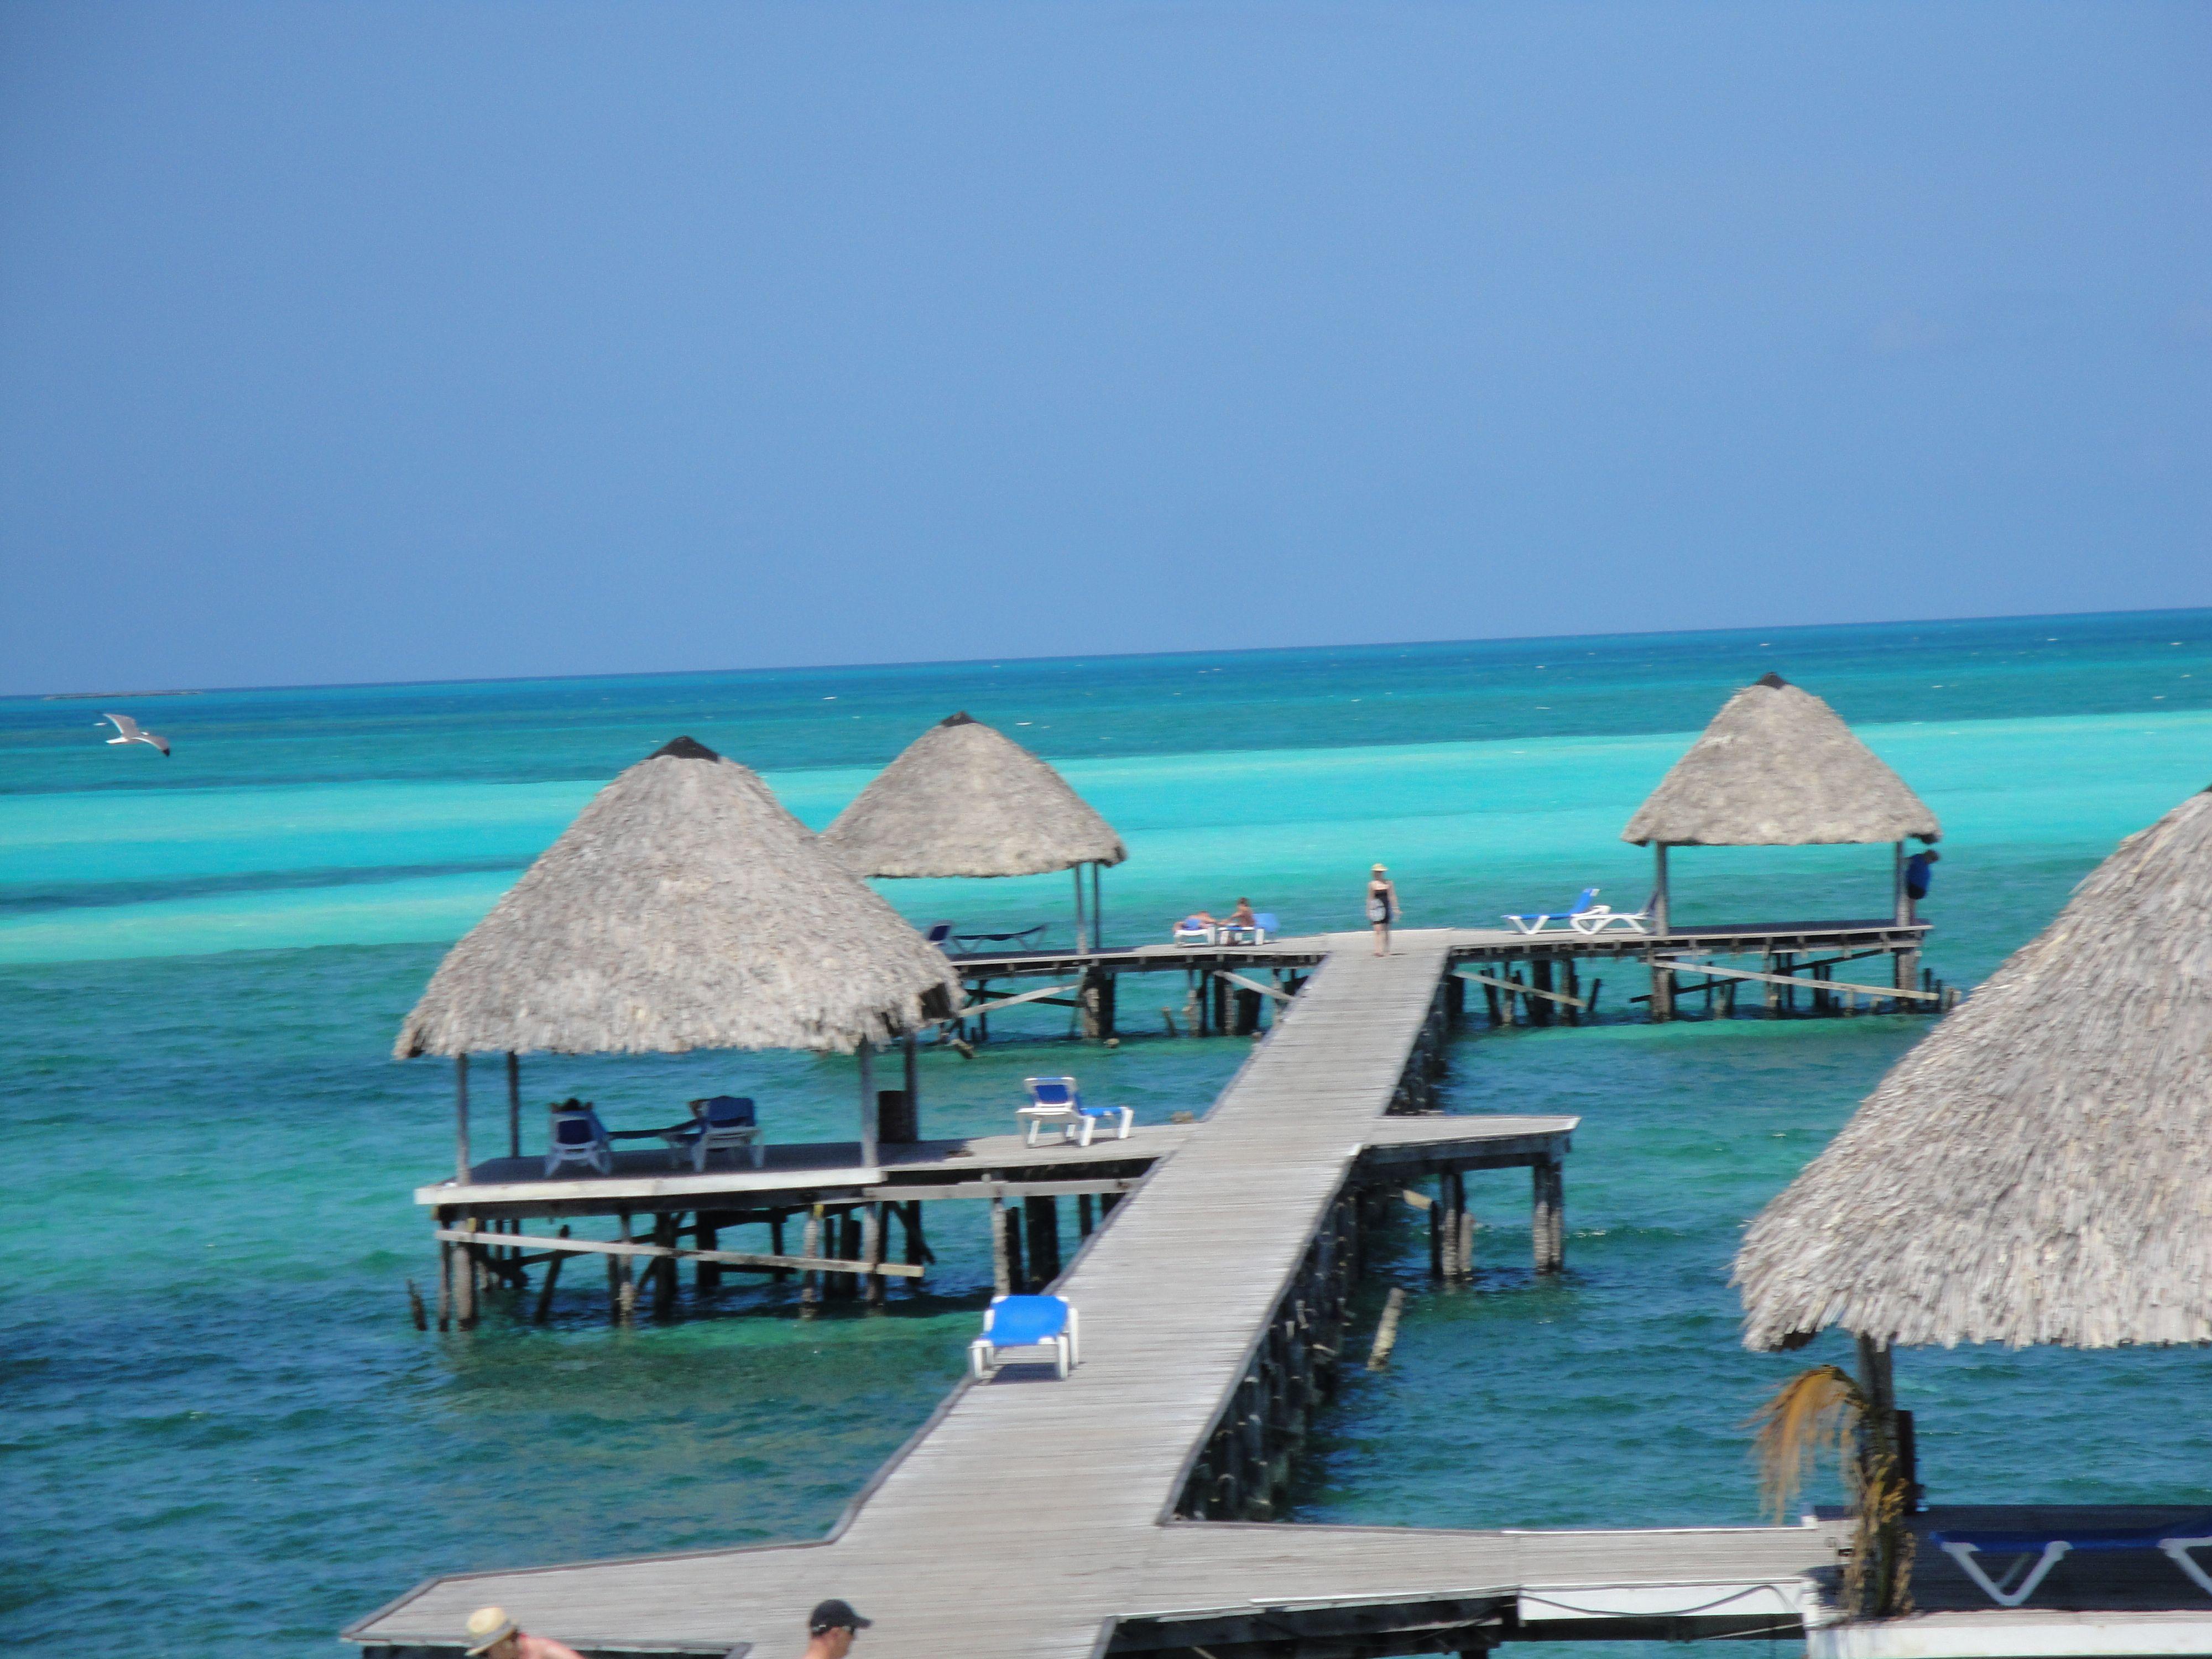 Cayo Guillermo, Cuba  |Beach Cayo Guillermo Cuba